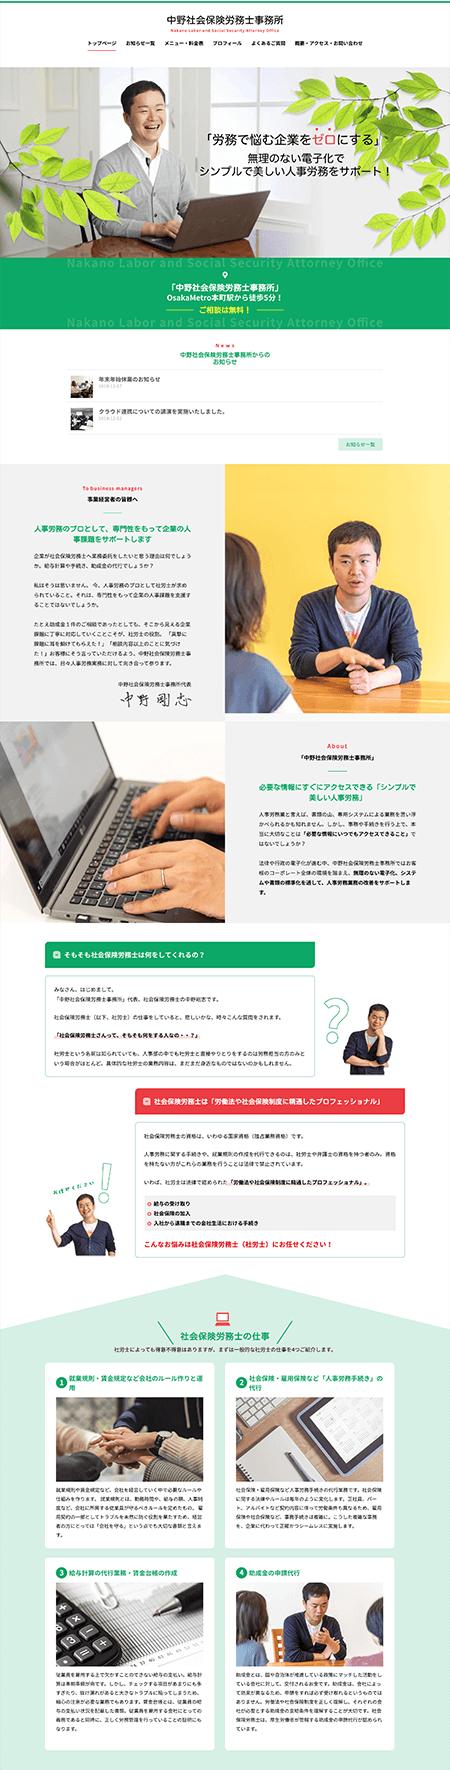 sharoushi-web